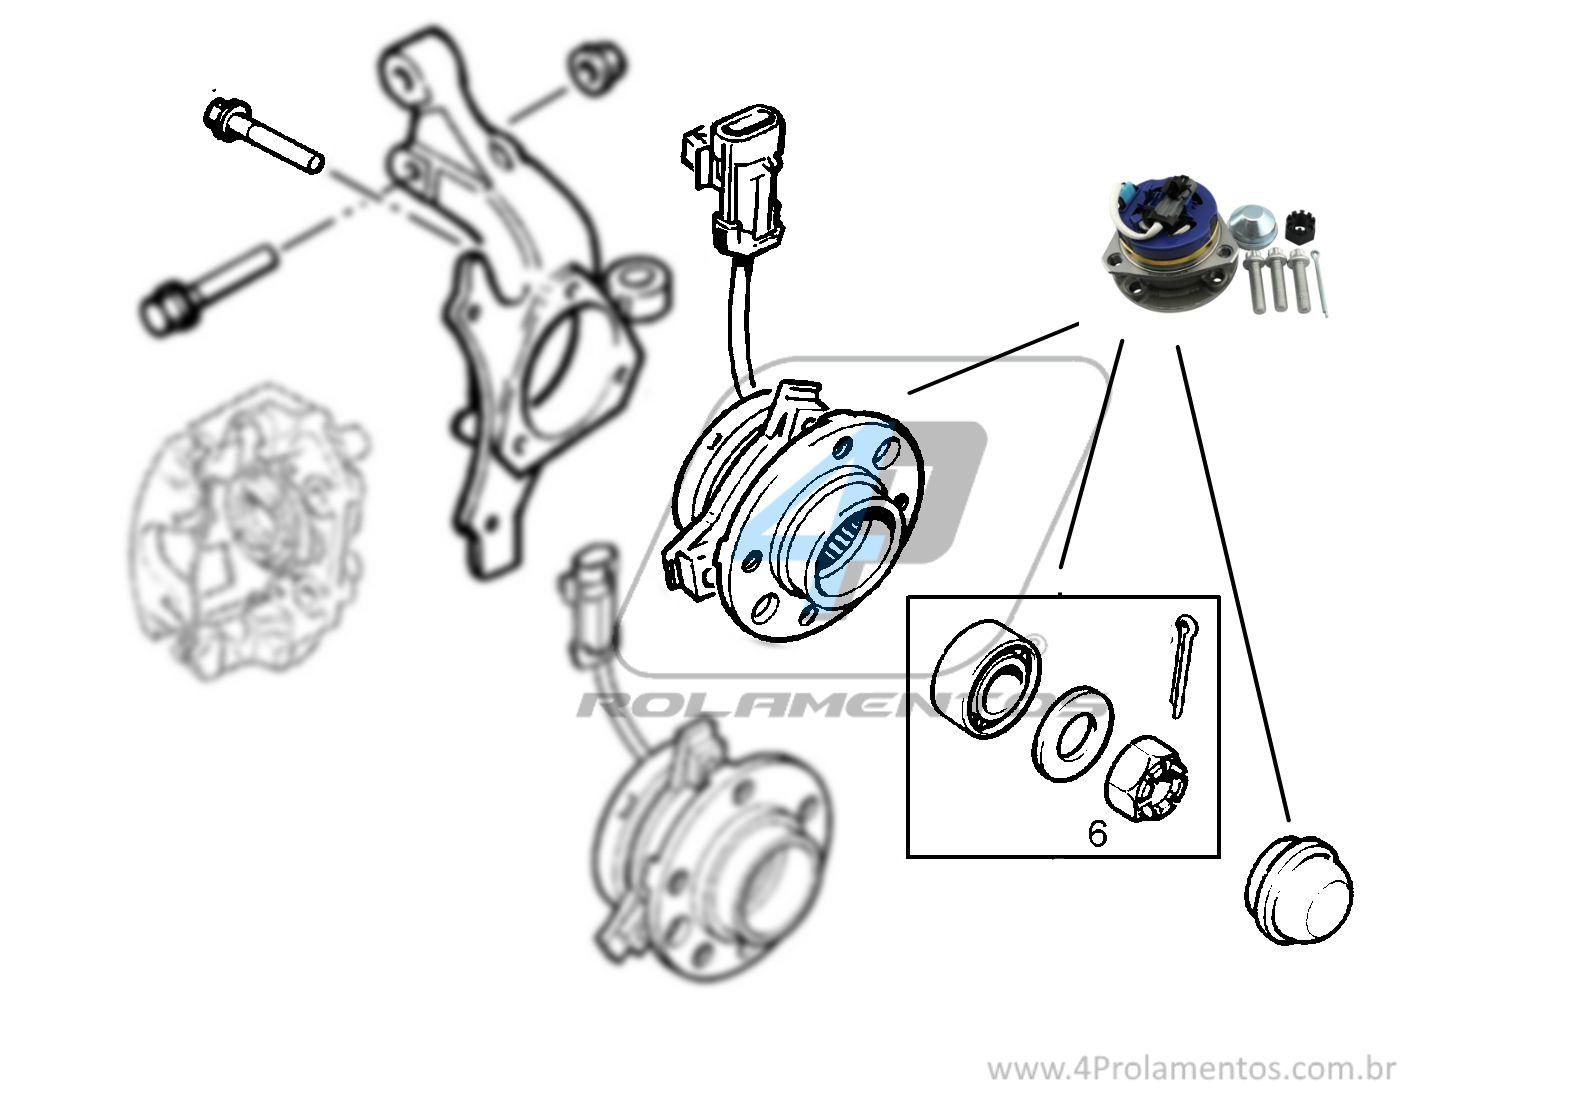 Cubo de Roda Dianteira CHEVROLET Astra 1999 até 2011, 4 furos, com ABS